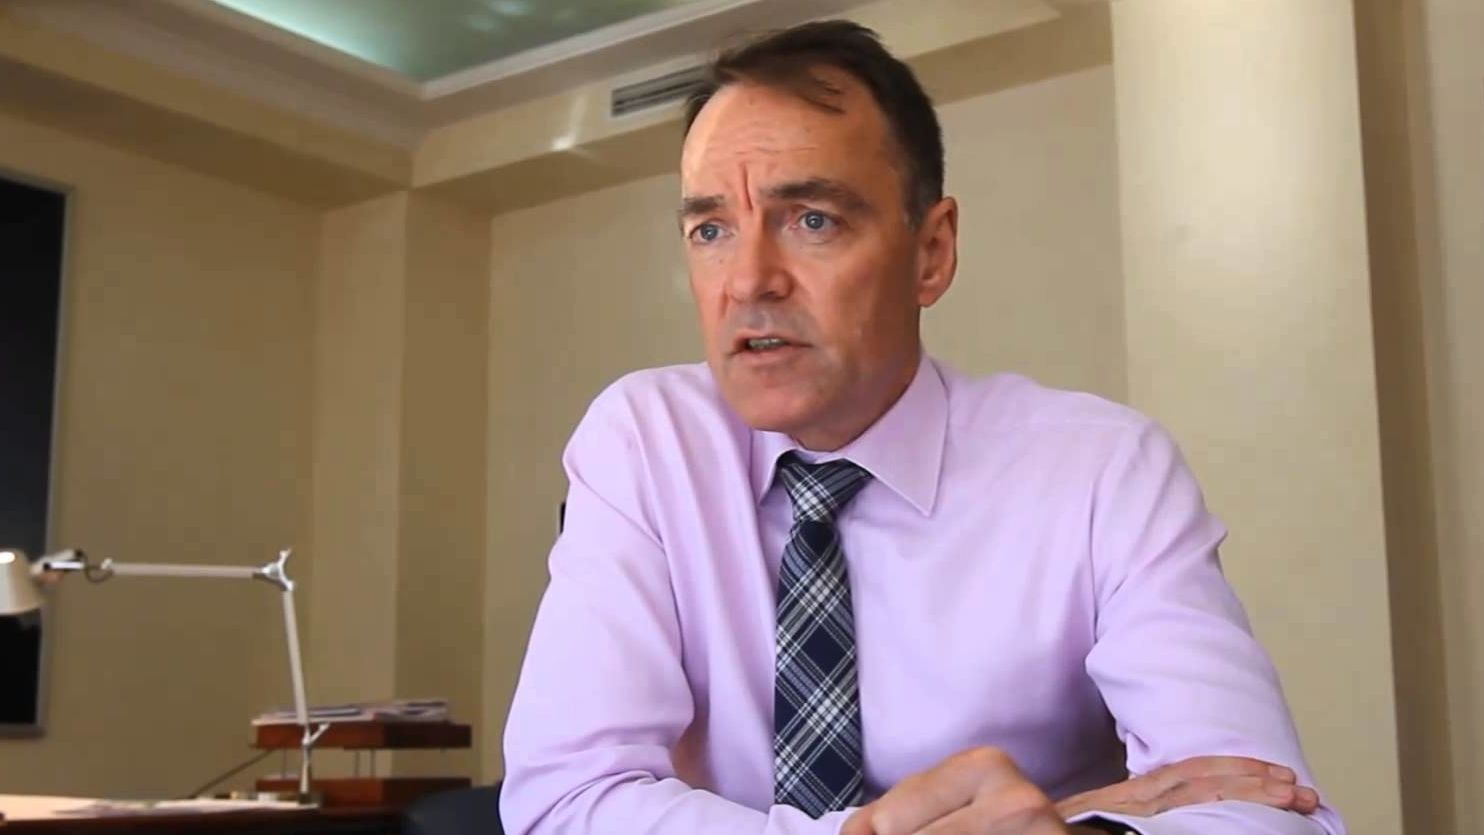 Британец Марк Роллинс предложил ГФС новый план санации, позволяющий выплатить долг в течение трех лет